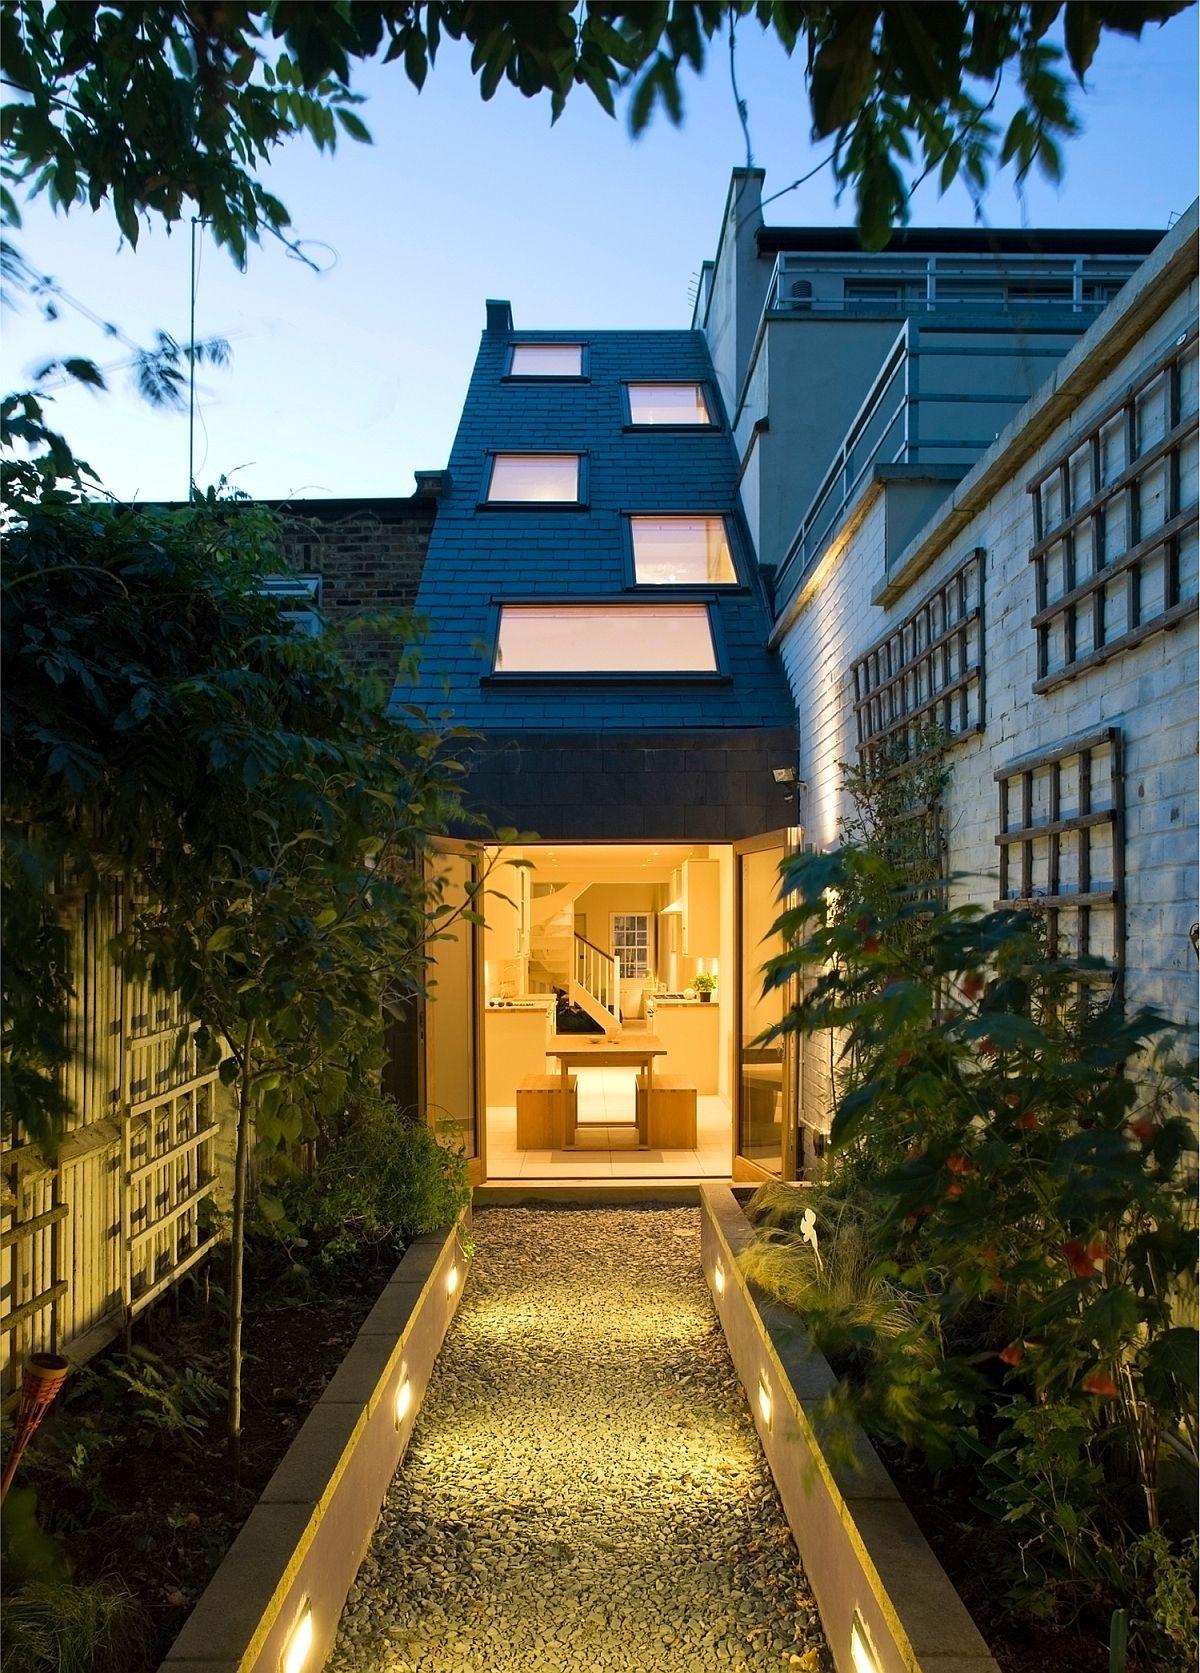 Ngôi nhà độc đáo chỉ rộng 2,3 m2 ở London - Ảnh 3